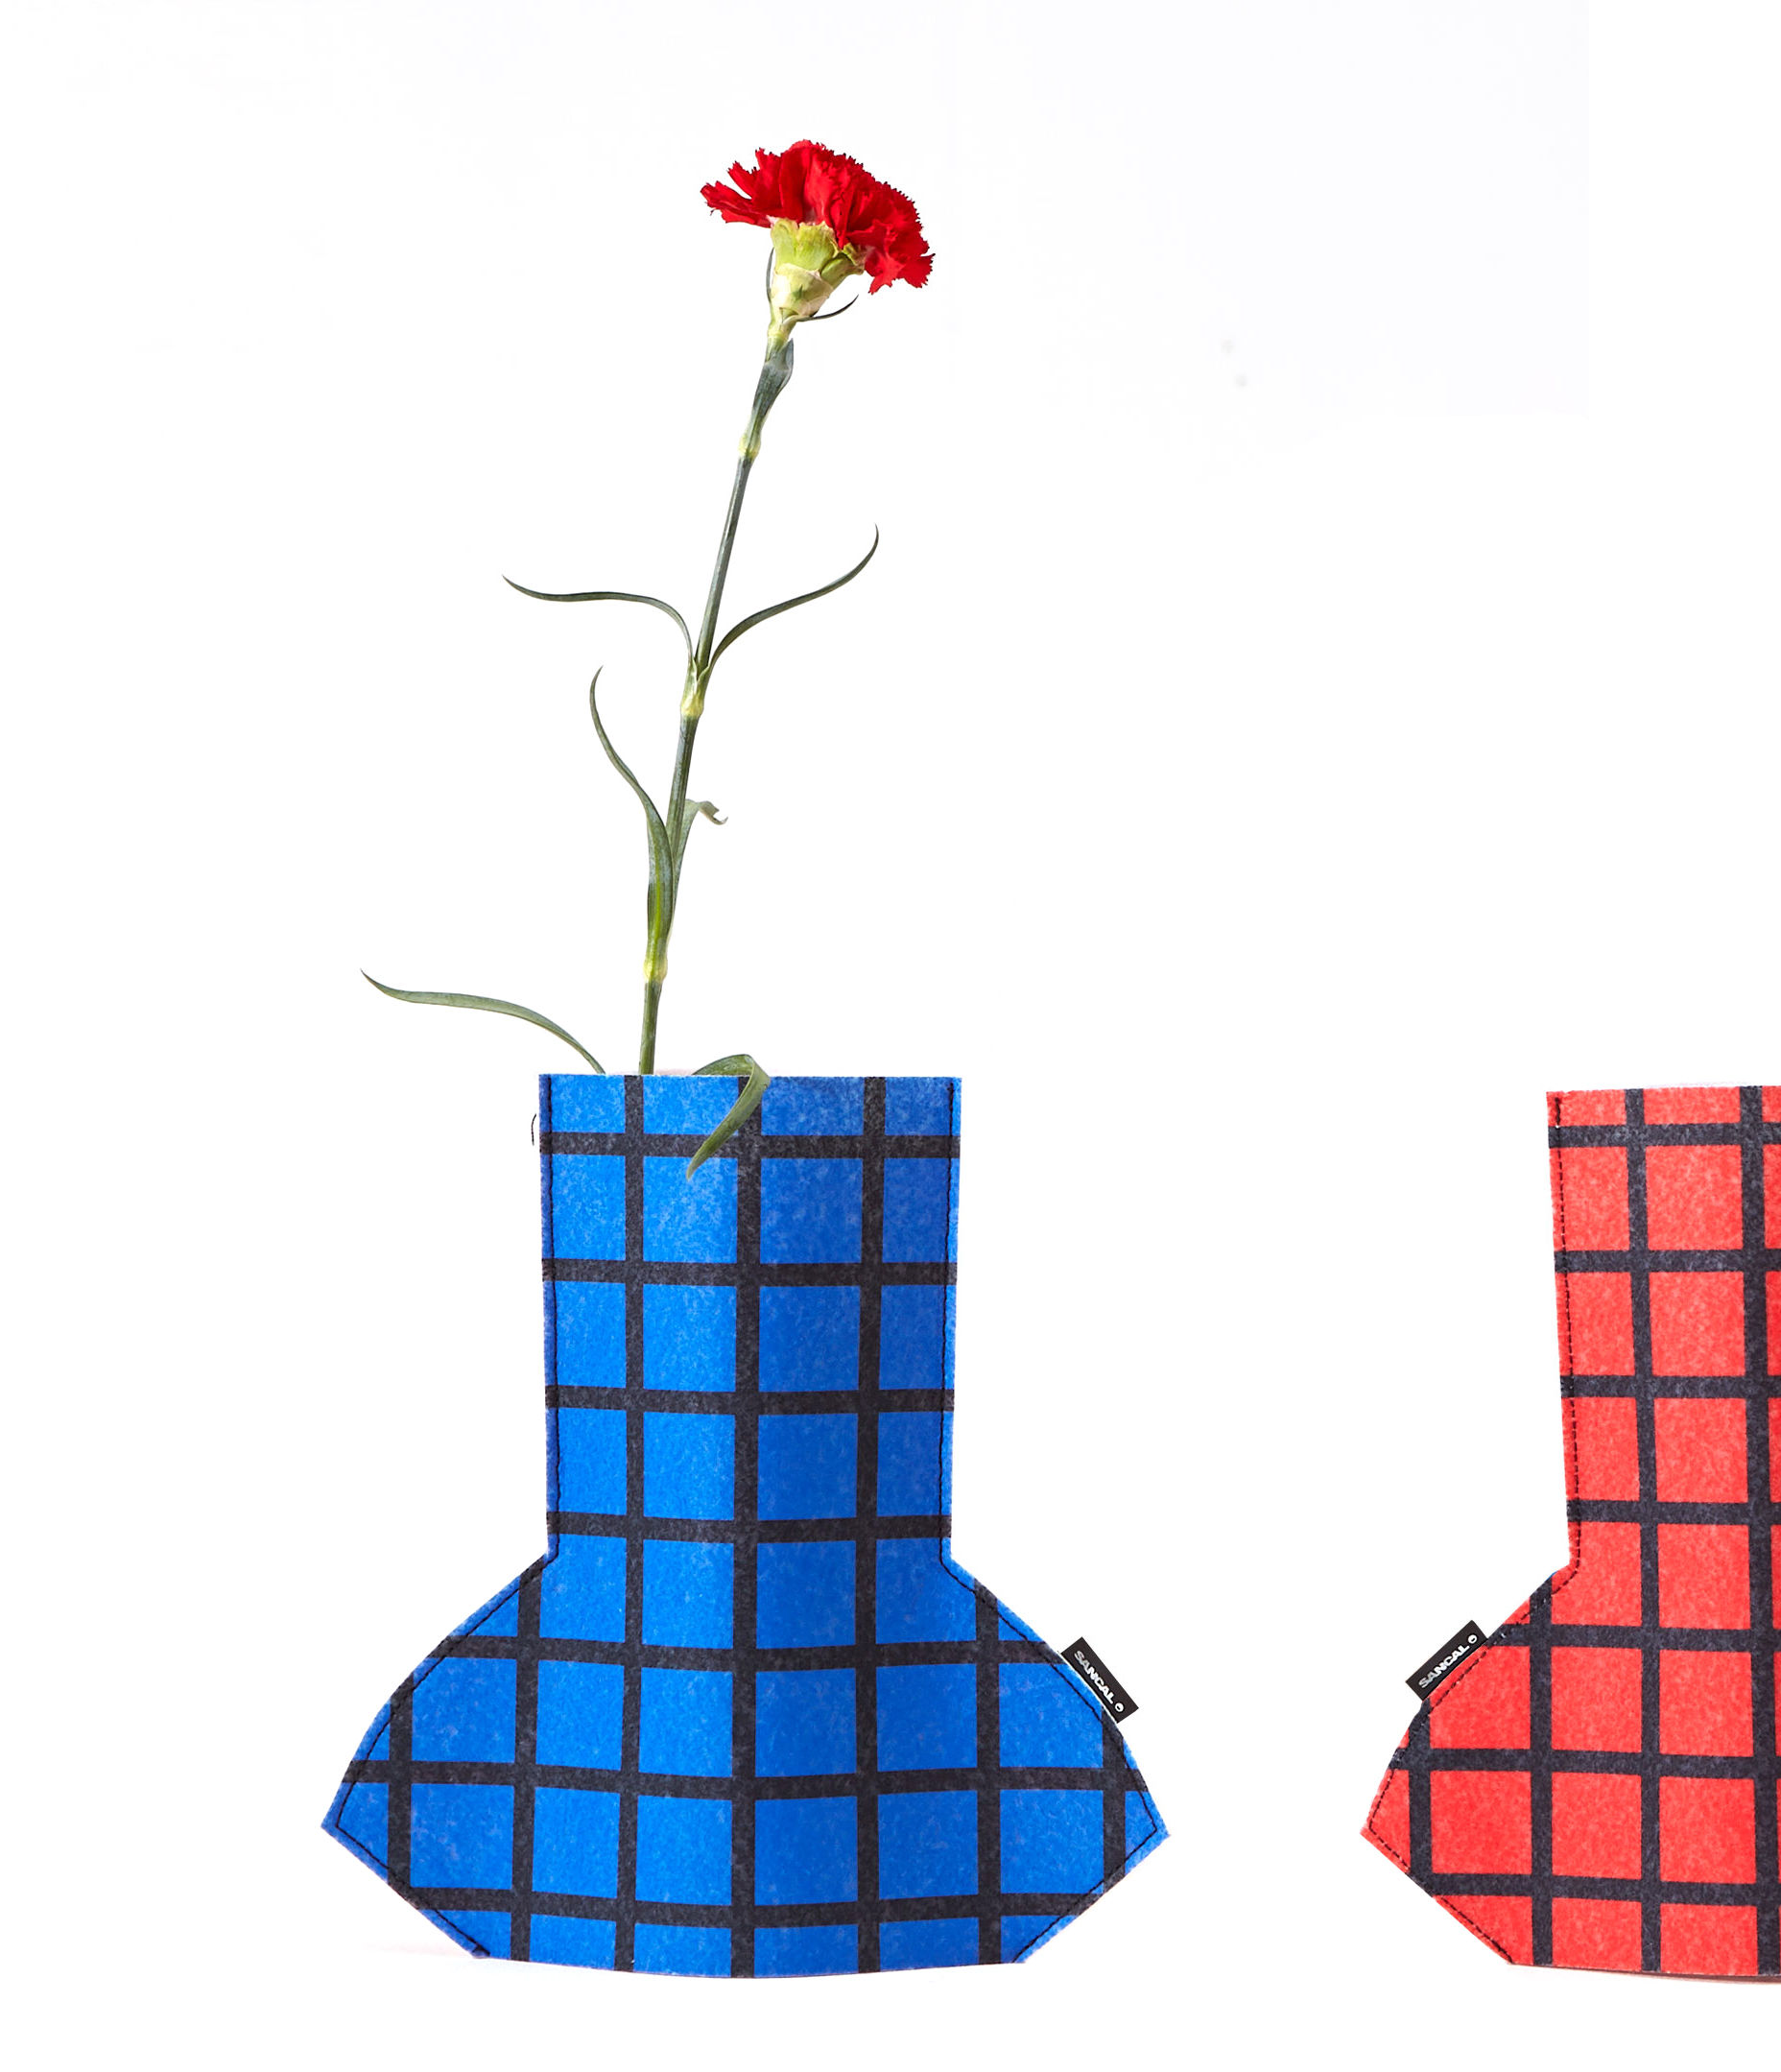 Déco - Vases - Housse pour vase Flower Power Small / H 28 cm - Feutre - Sancal - Grid / Rouge & bleu - Feutre